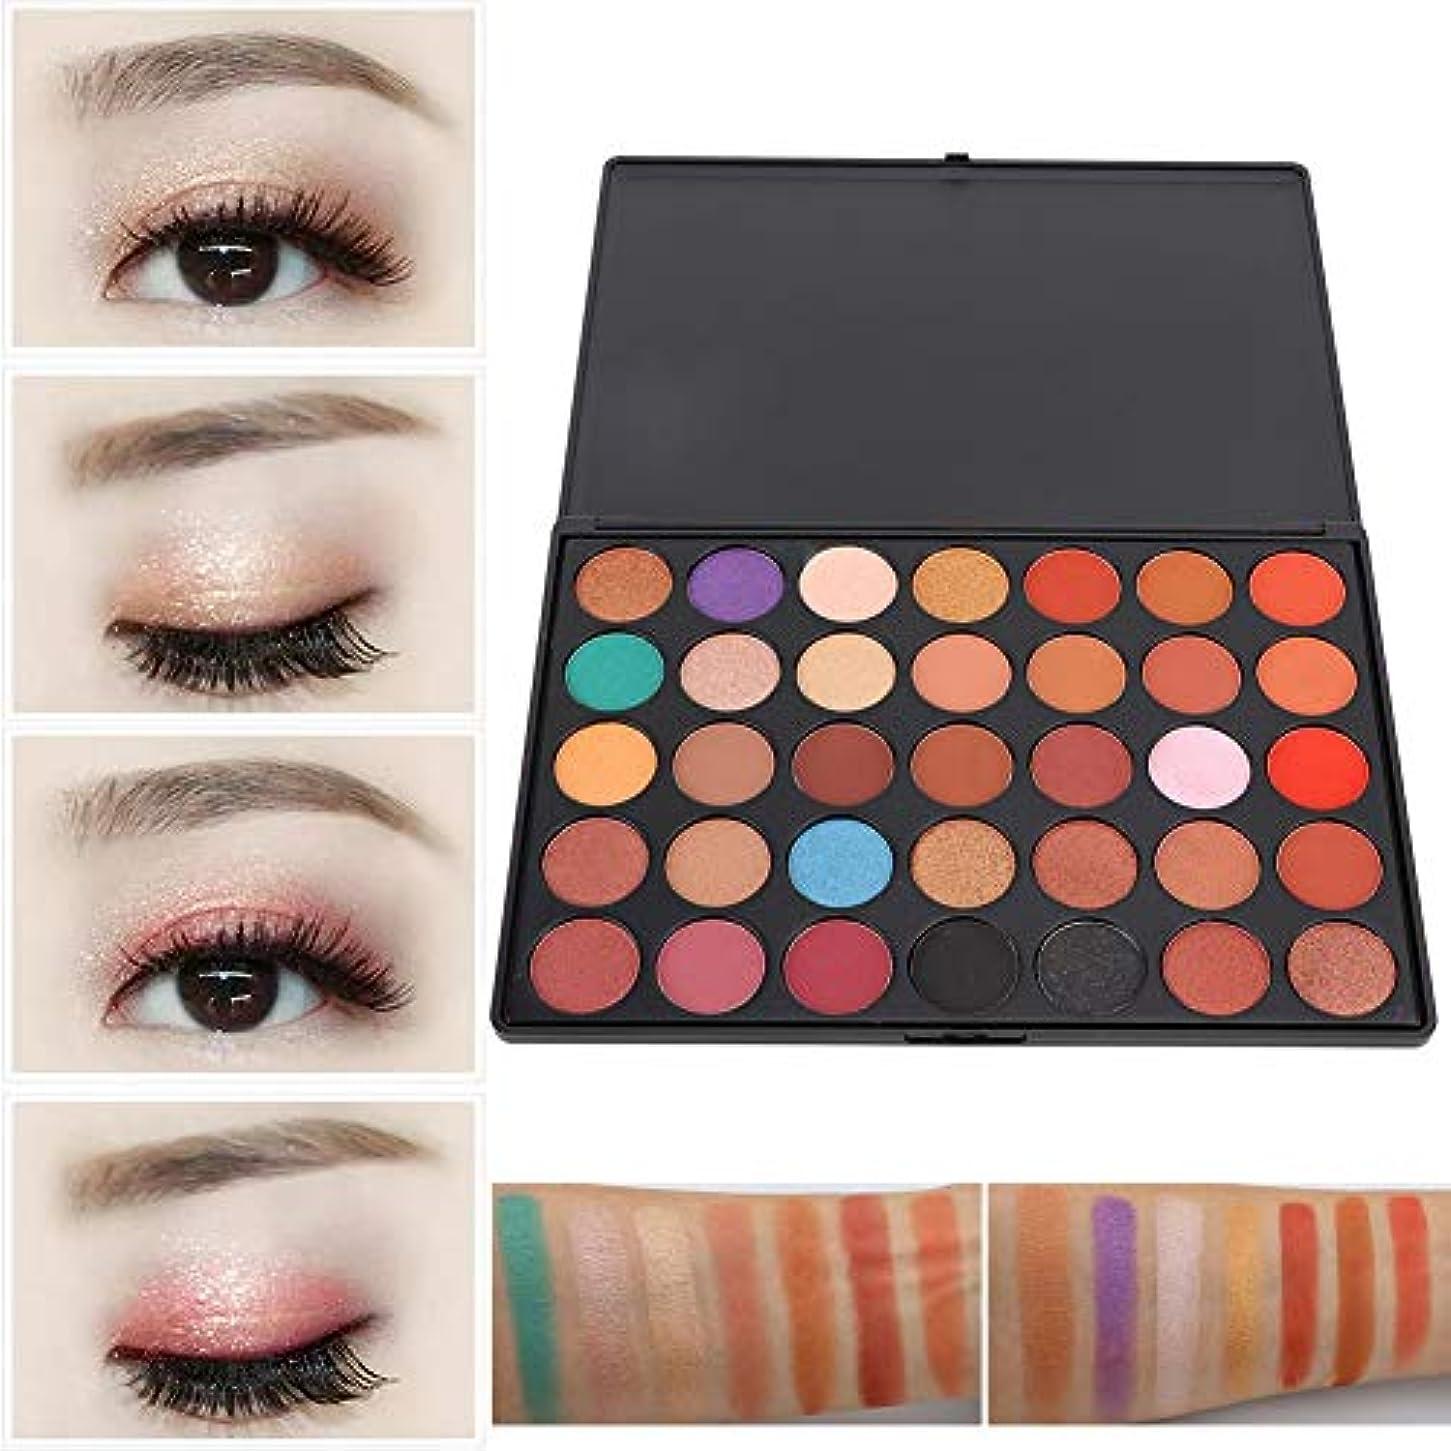 アイシャドウパレット 36色 化粧品ツール アイシャドウパレット 化粧マット グロス アイシャドウパウダー